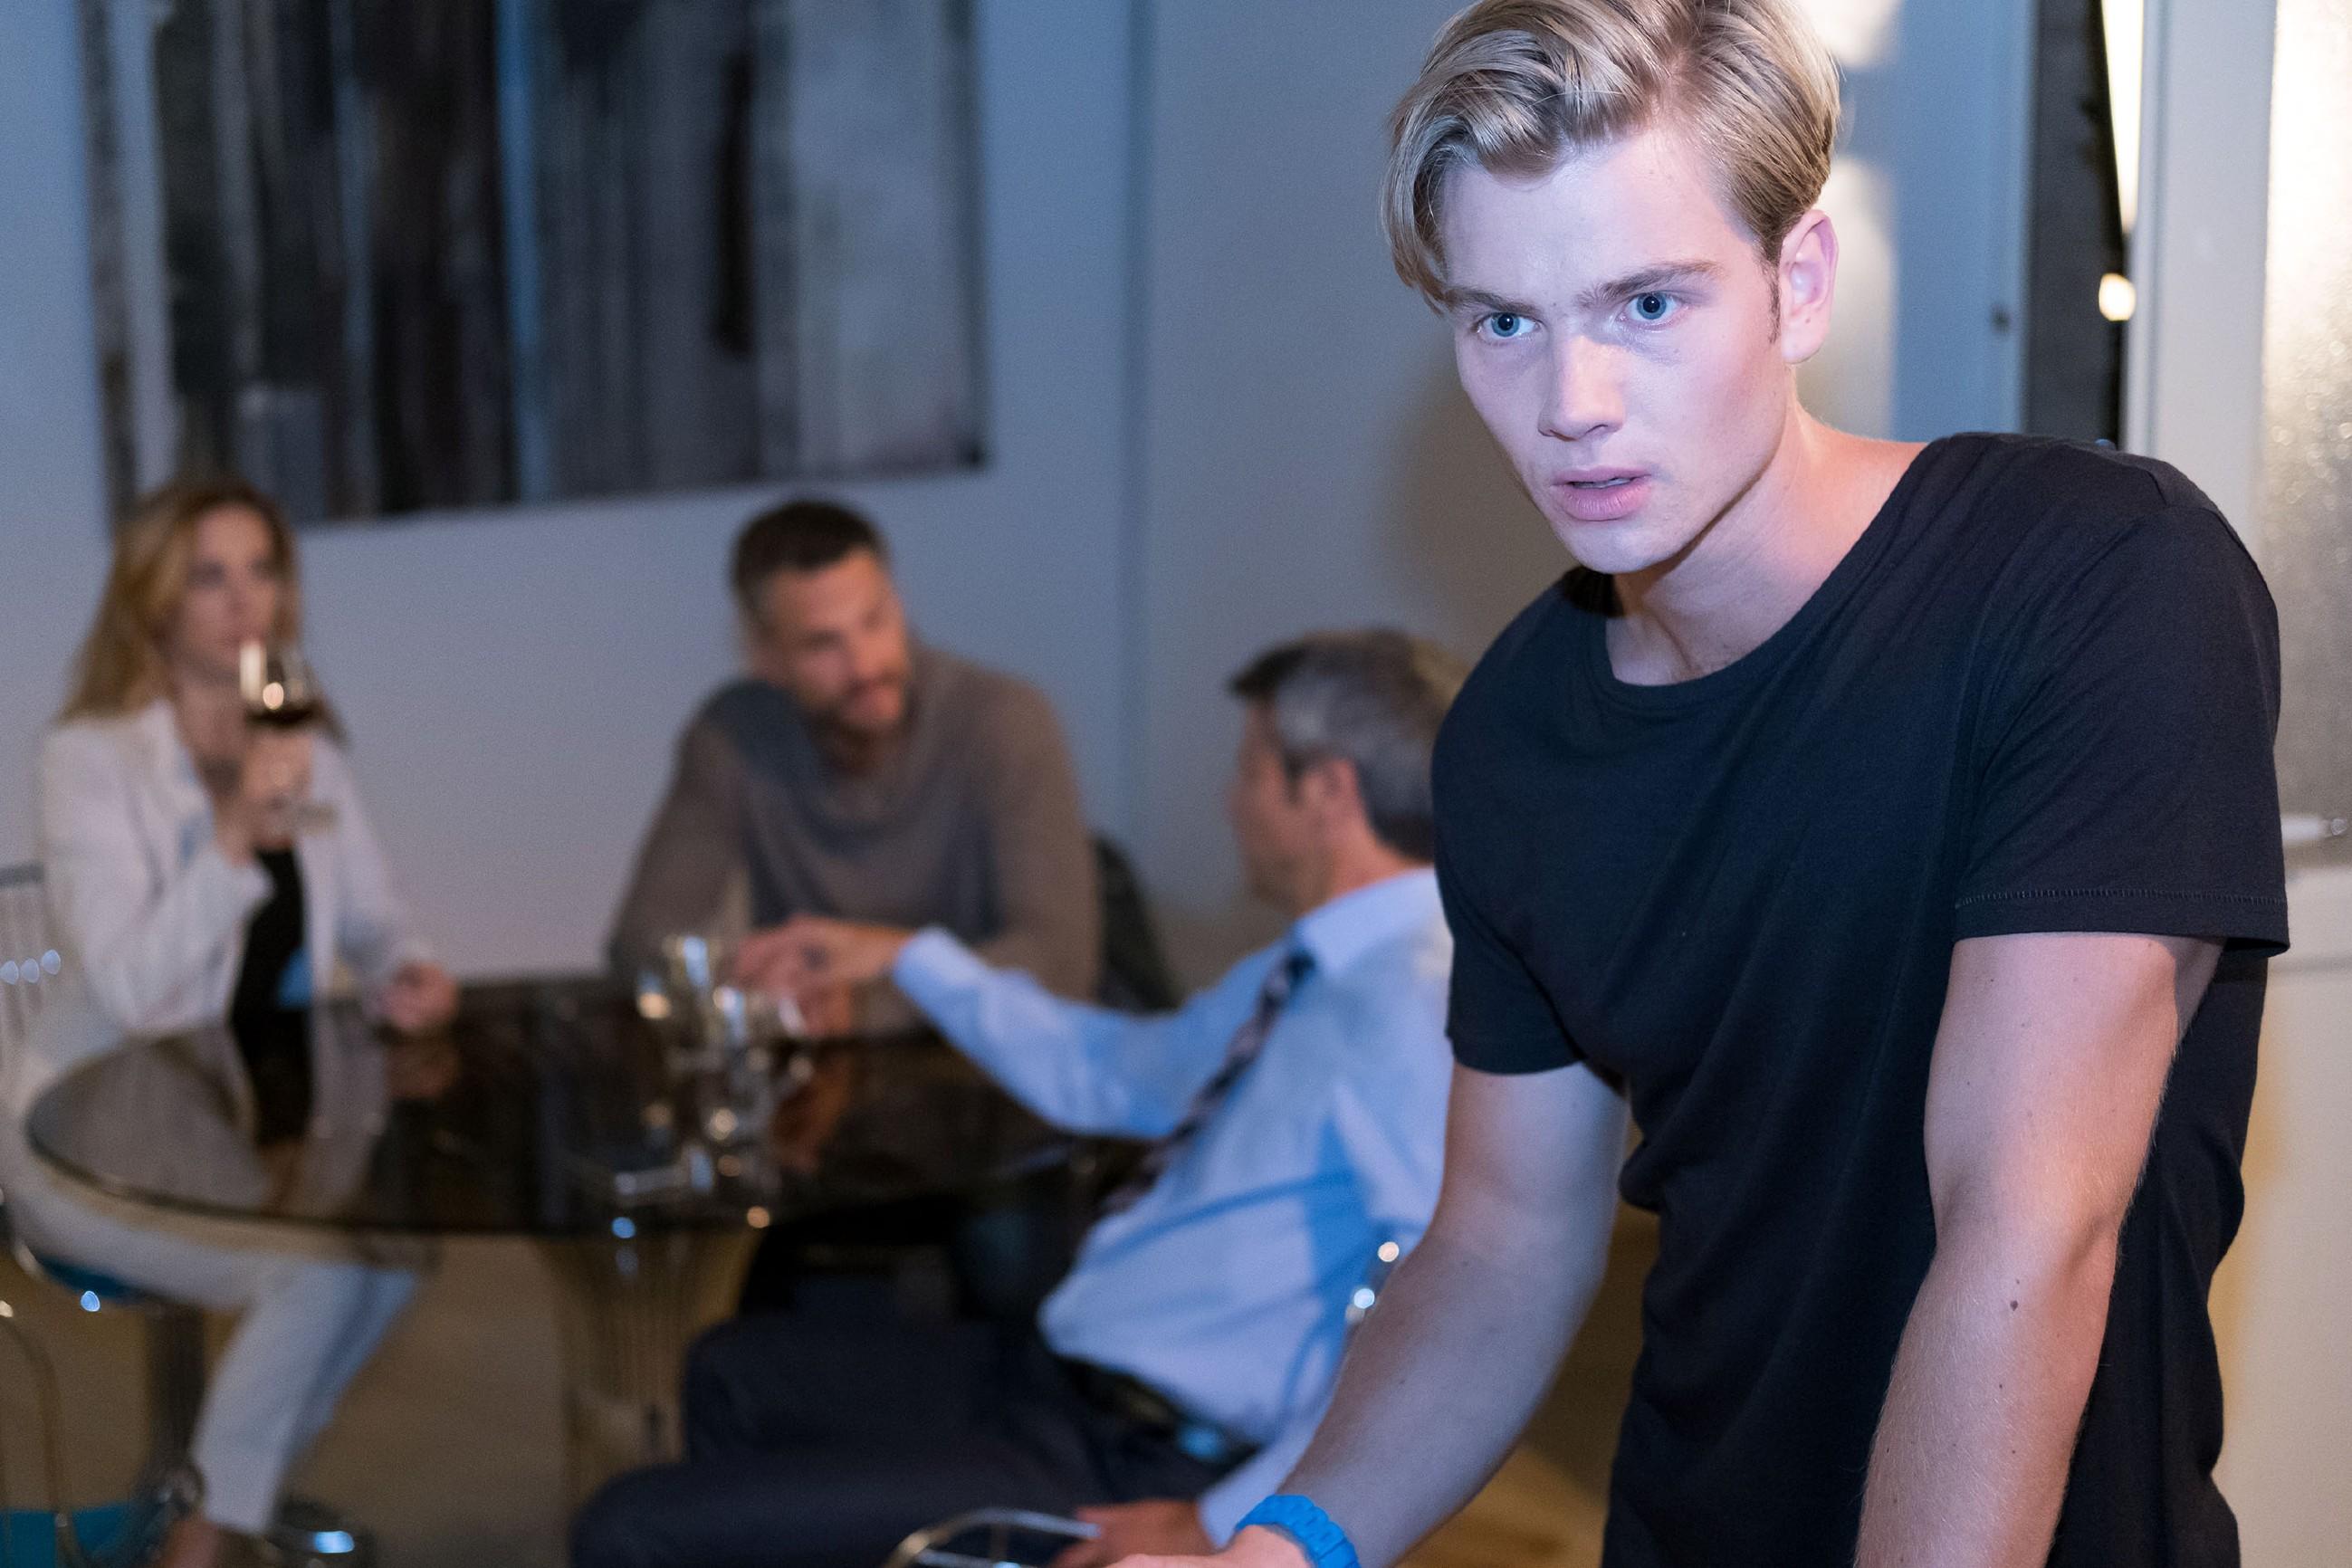 Valentin (Aaron Koszuta, r.) ist geschockt, als er bei einem Gespräch zwischen (hinten v.l.) Andrea (Kristin Meyer), Benedikt (Jens Hajek) und Malte (Stefan Bockelmann) erfährt, dass Malte Mario als Gangmitglied erkannt hat. (Quelle: RTL / Stefan Behrens)